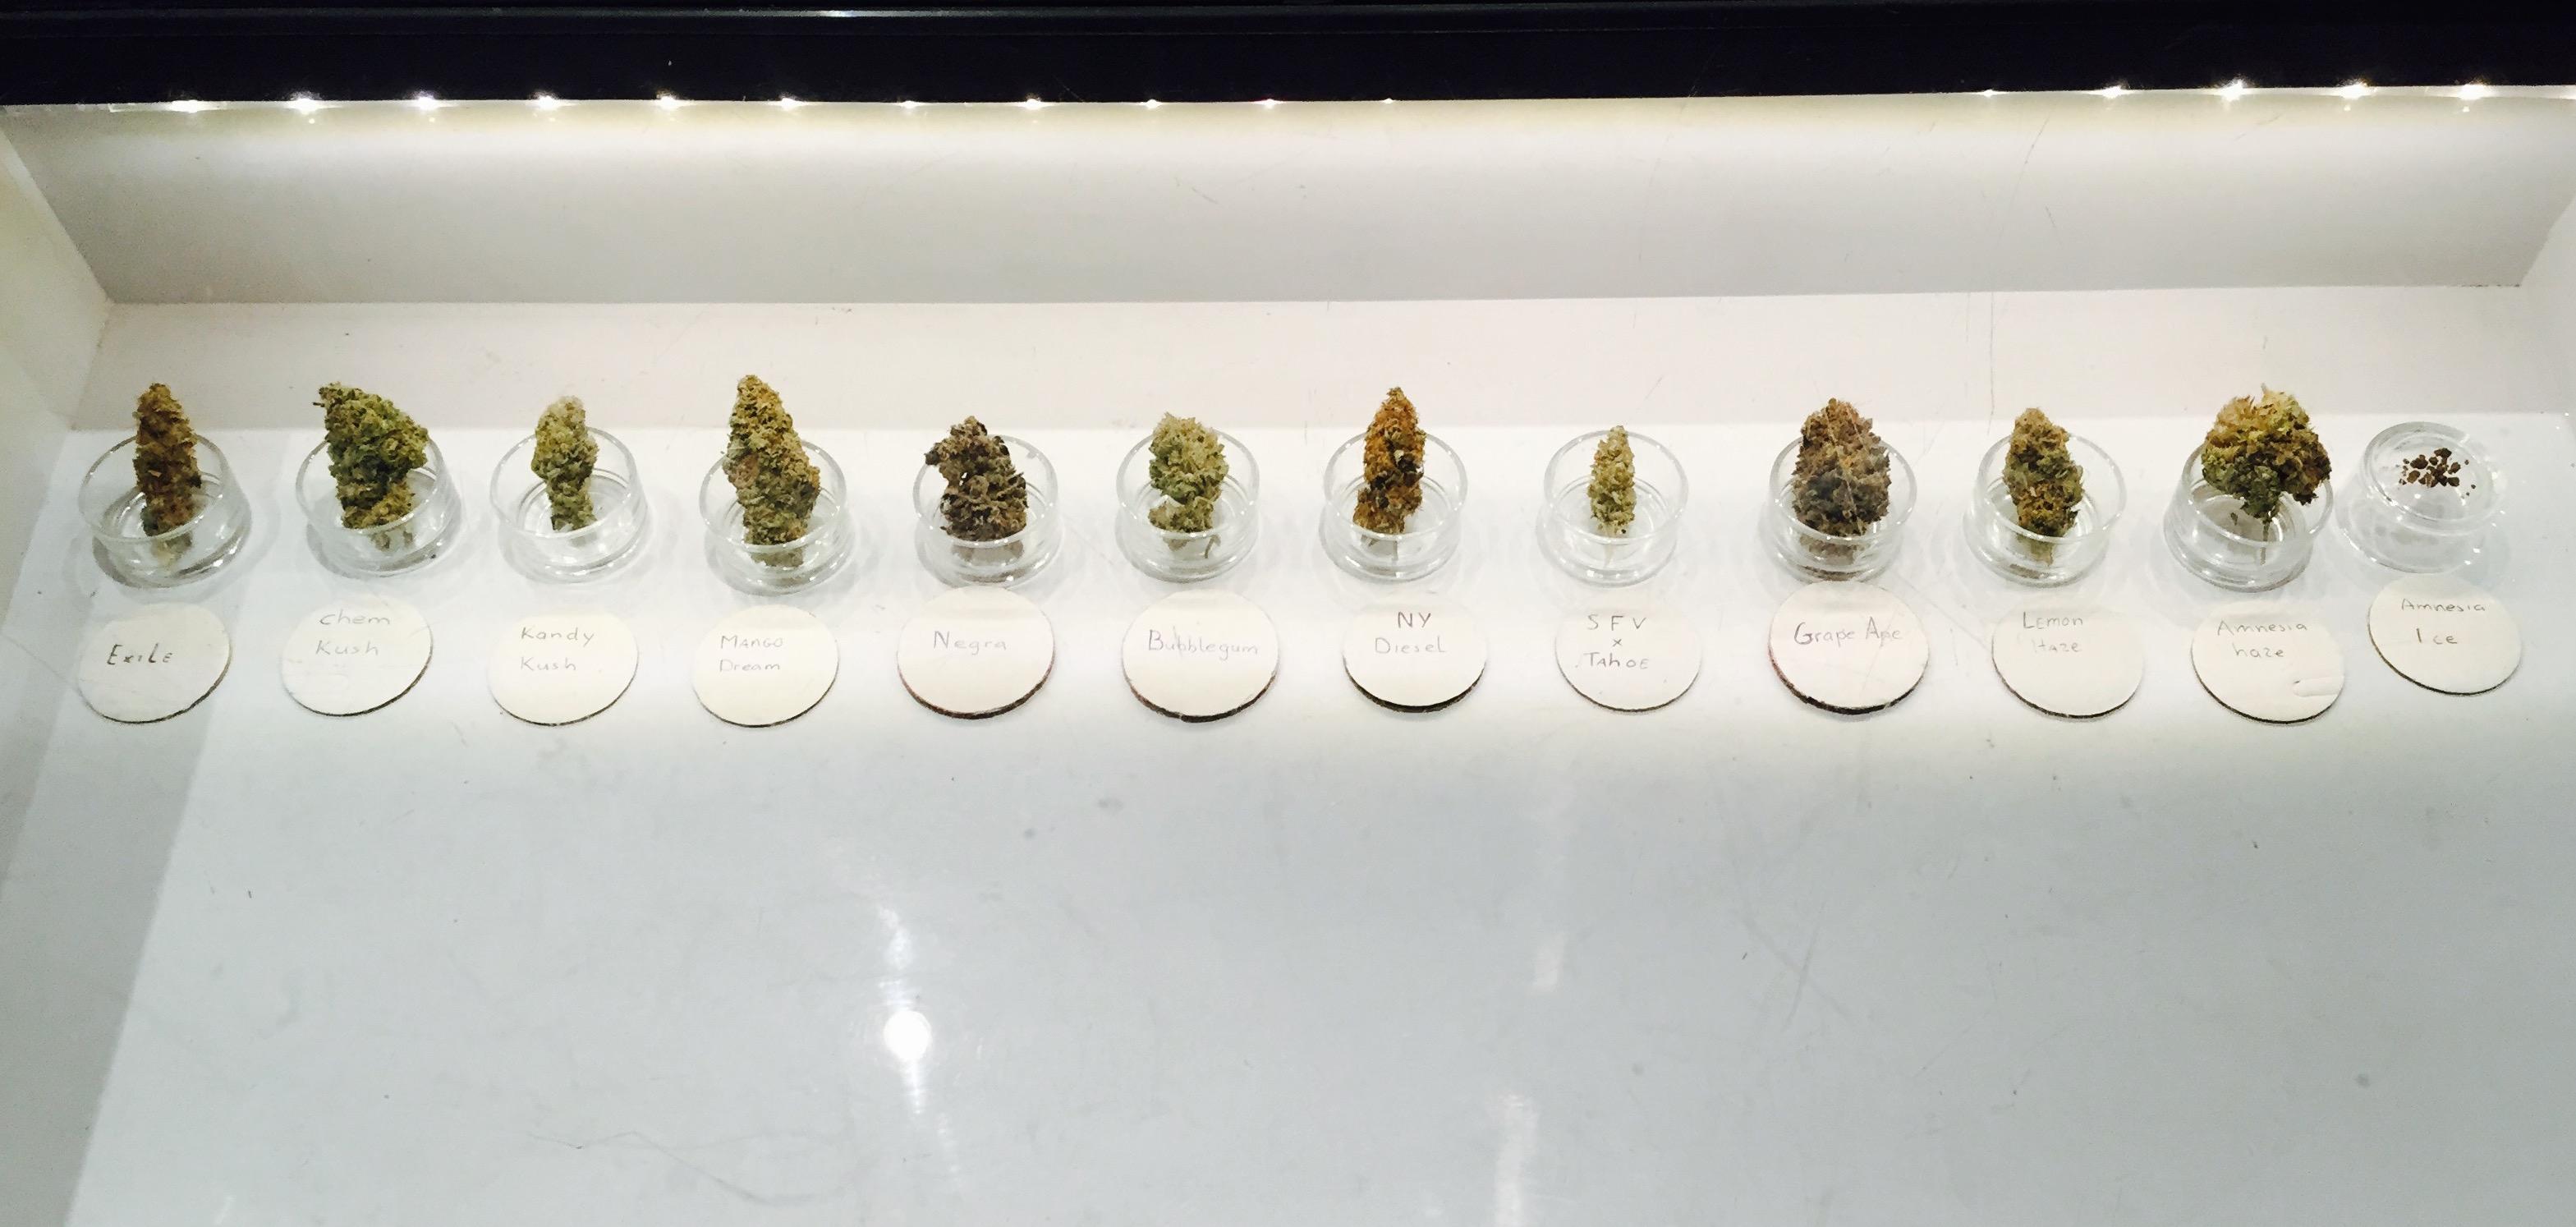 selection of varieties